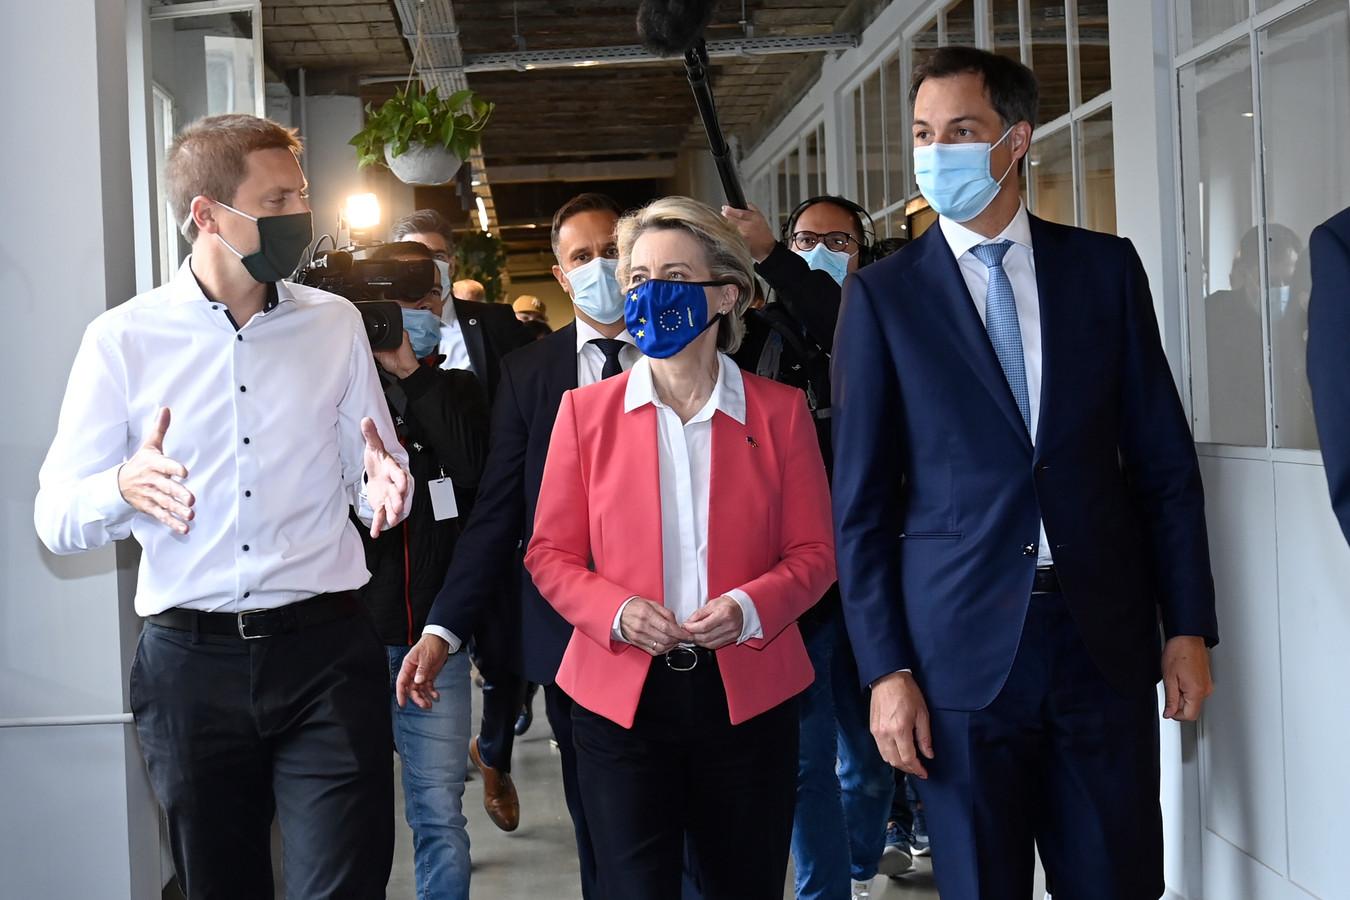 Staatssecretaris voor Relance Thomas Dermine (PS), Europees Commissievoorzitter Ursula von der Leyen, en premier Alexander De Croo (Open Vld).